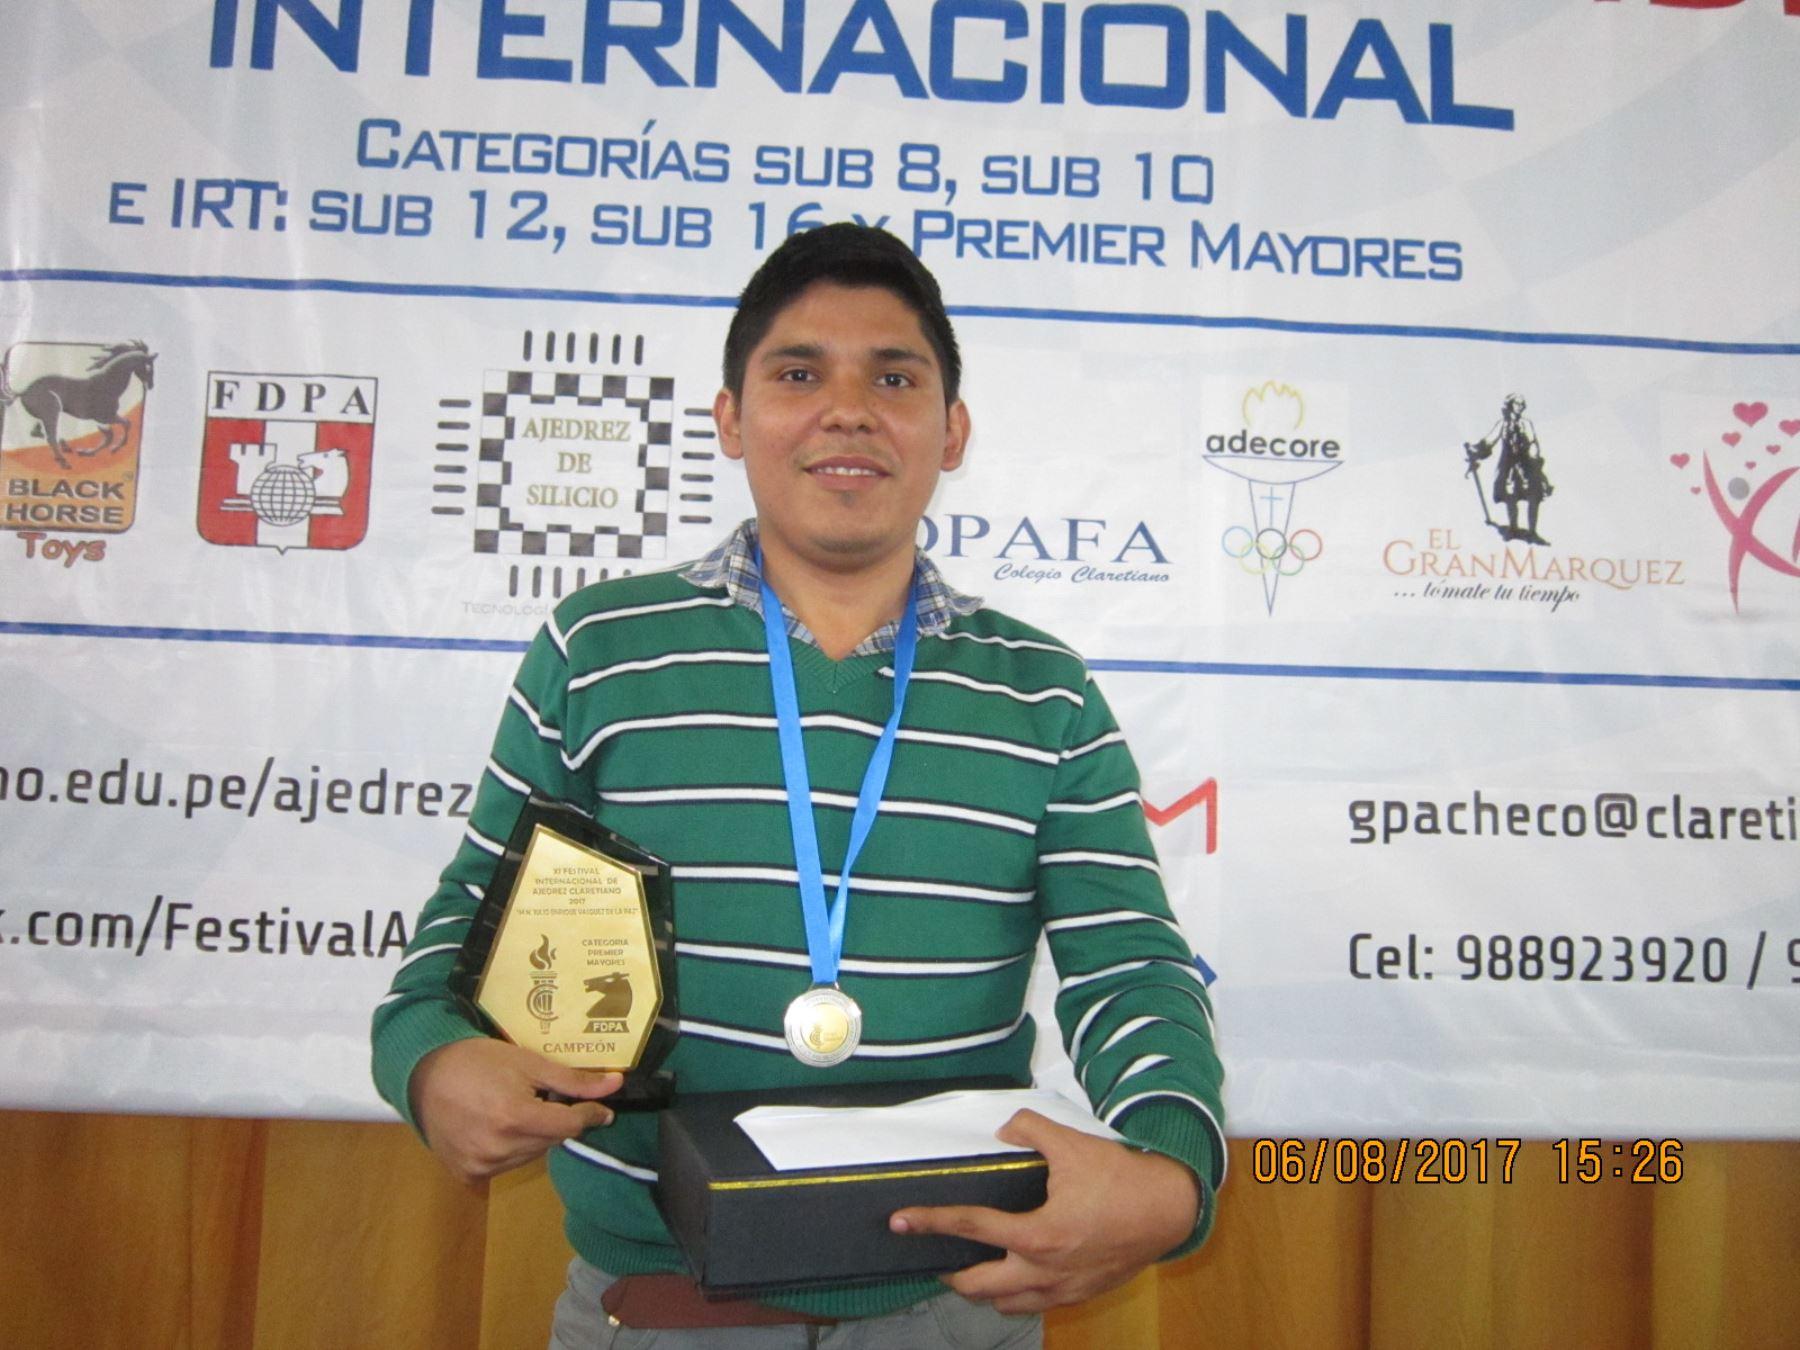 Renato Terry es uno de los mejores ajedrecistas del Perú